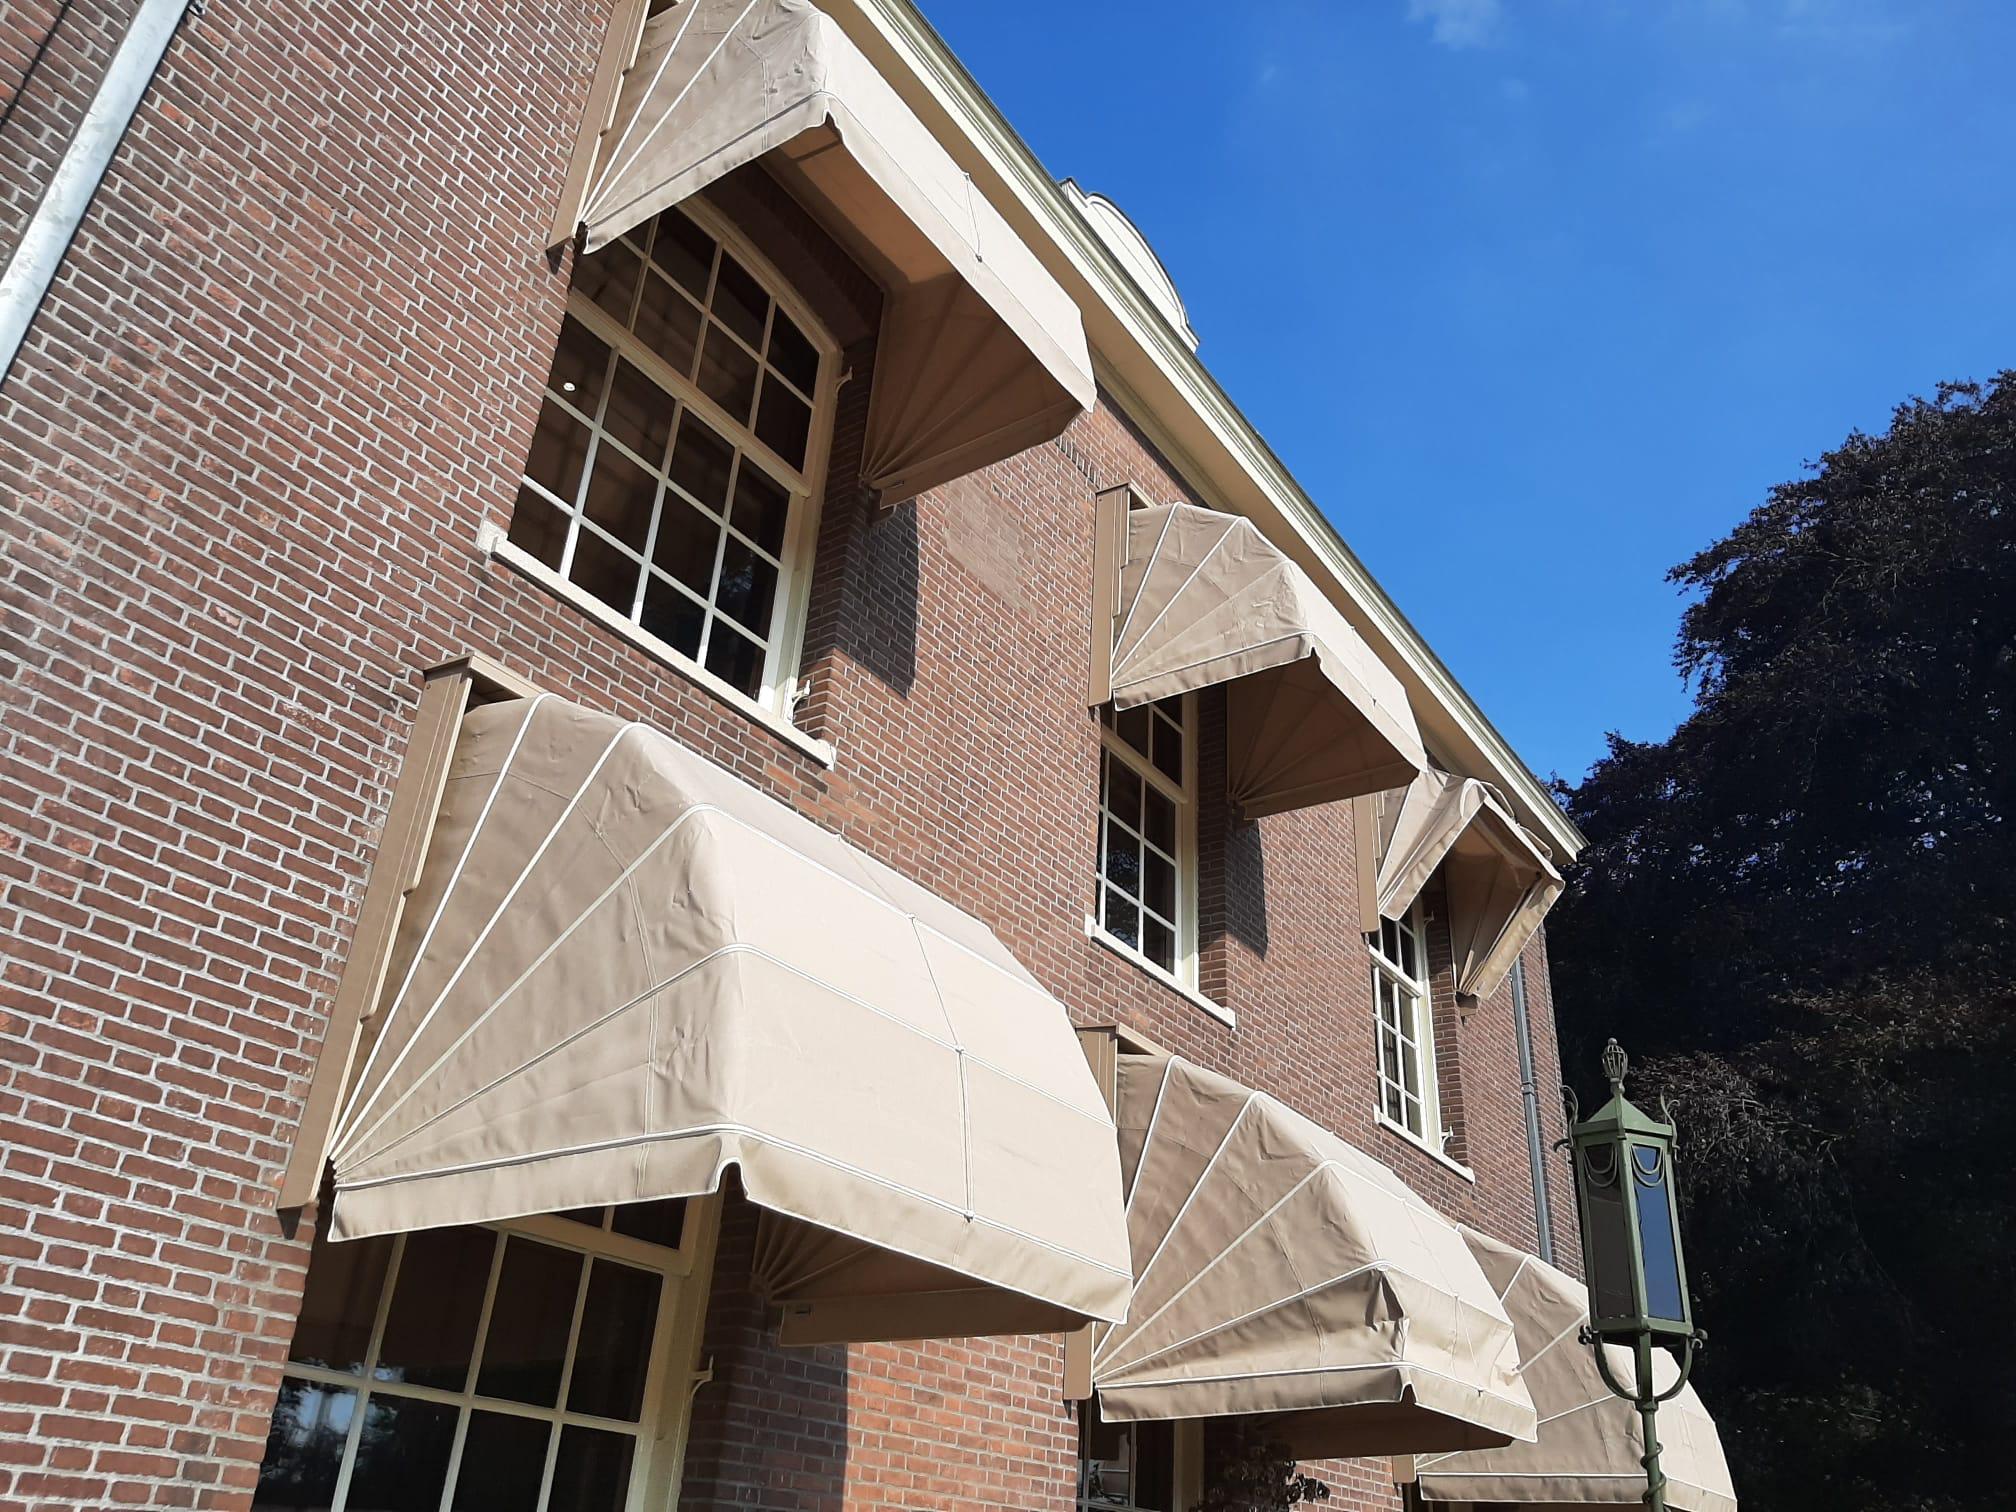 Raadhuis Heerde